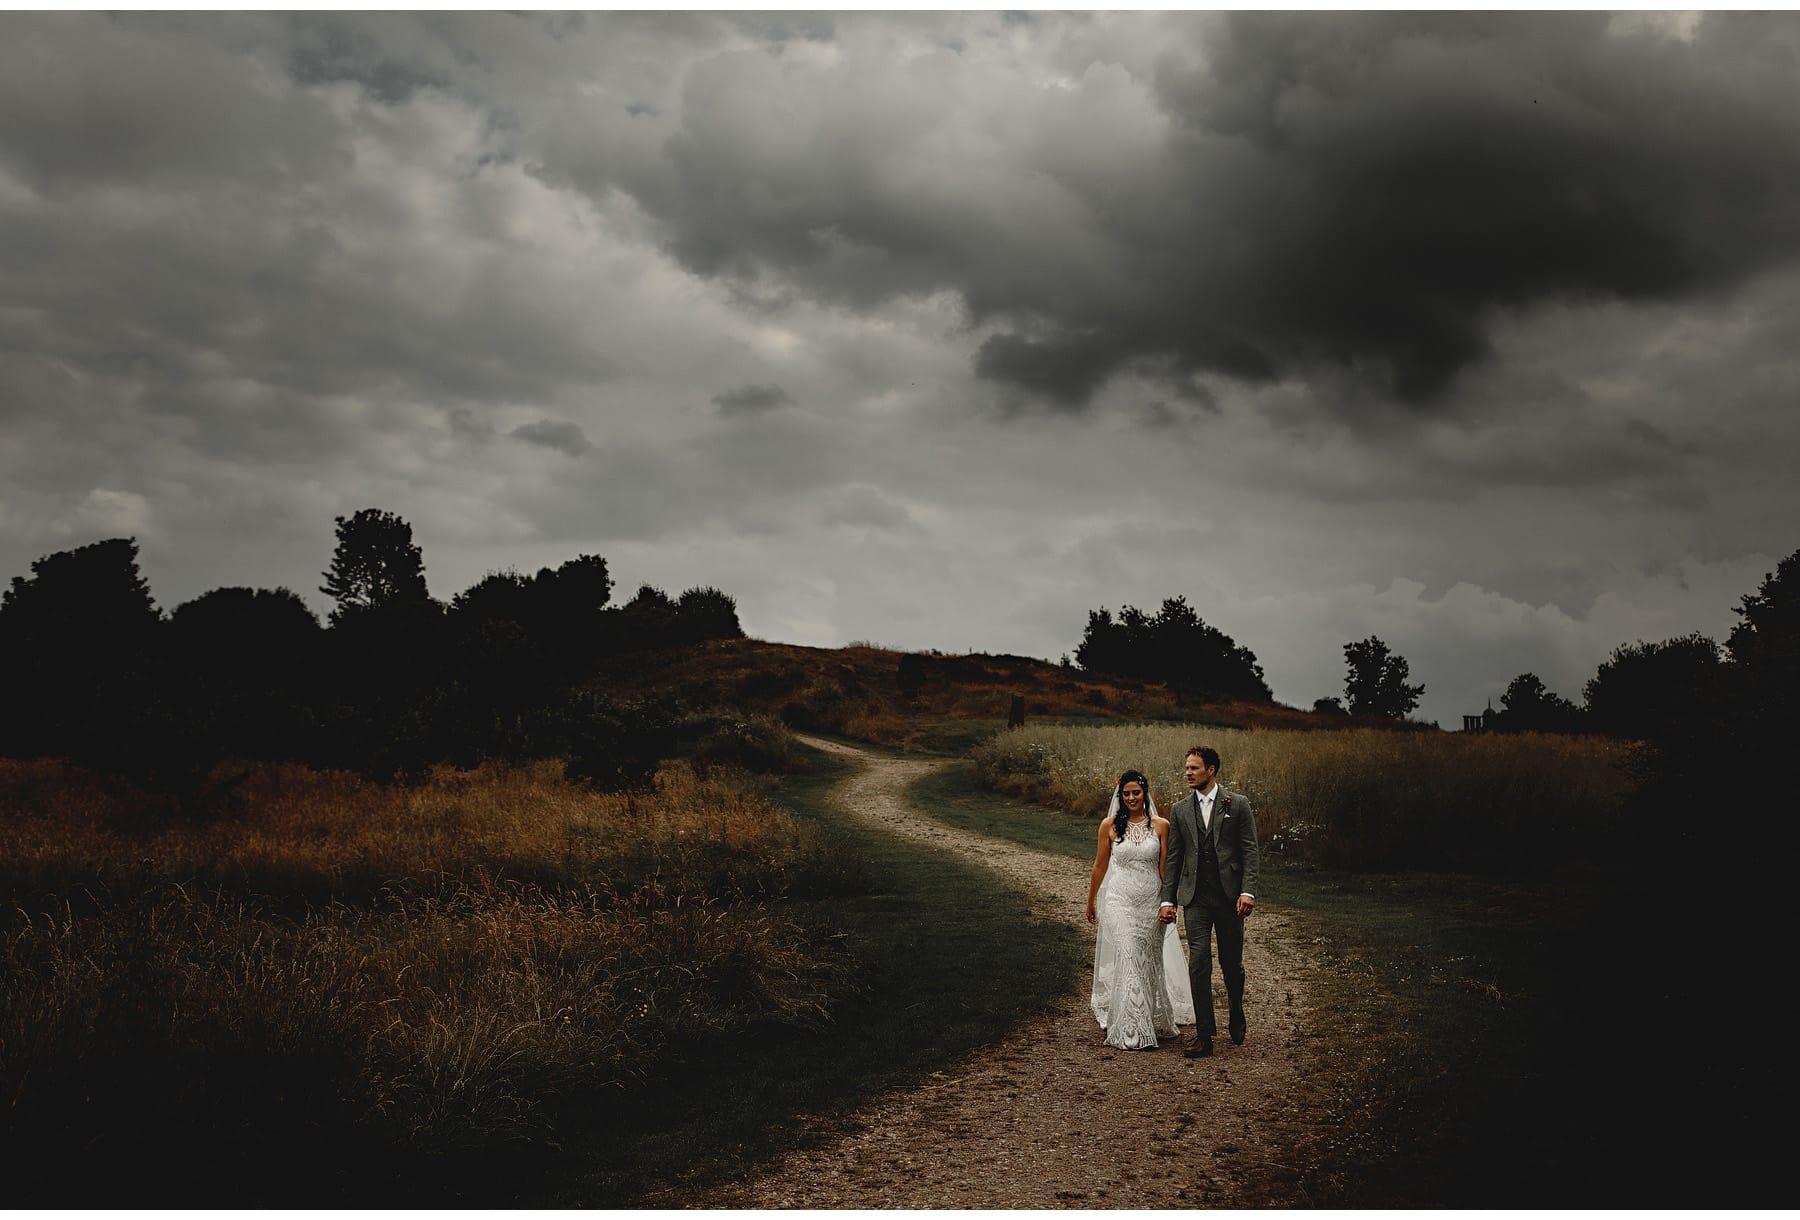 the bride & groom walking in the meadow